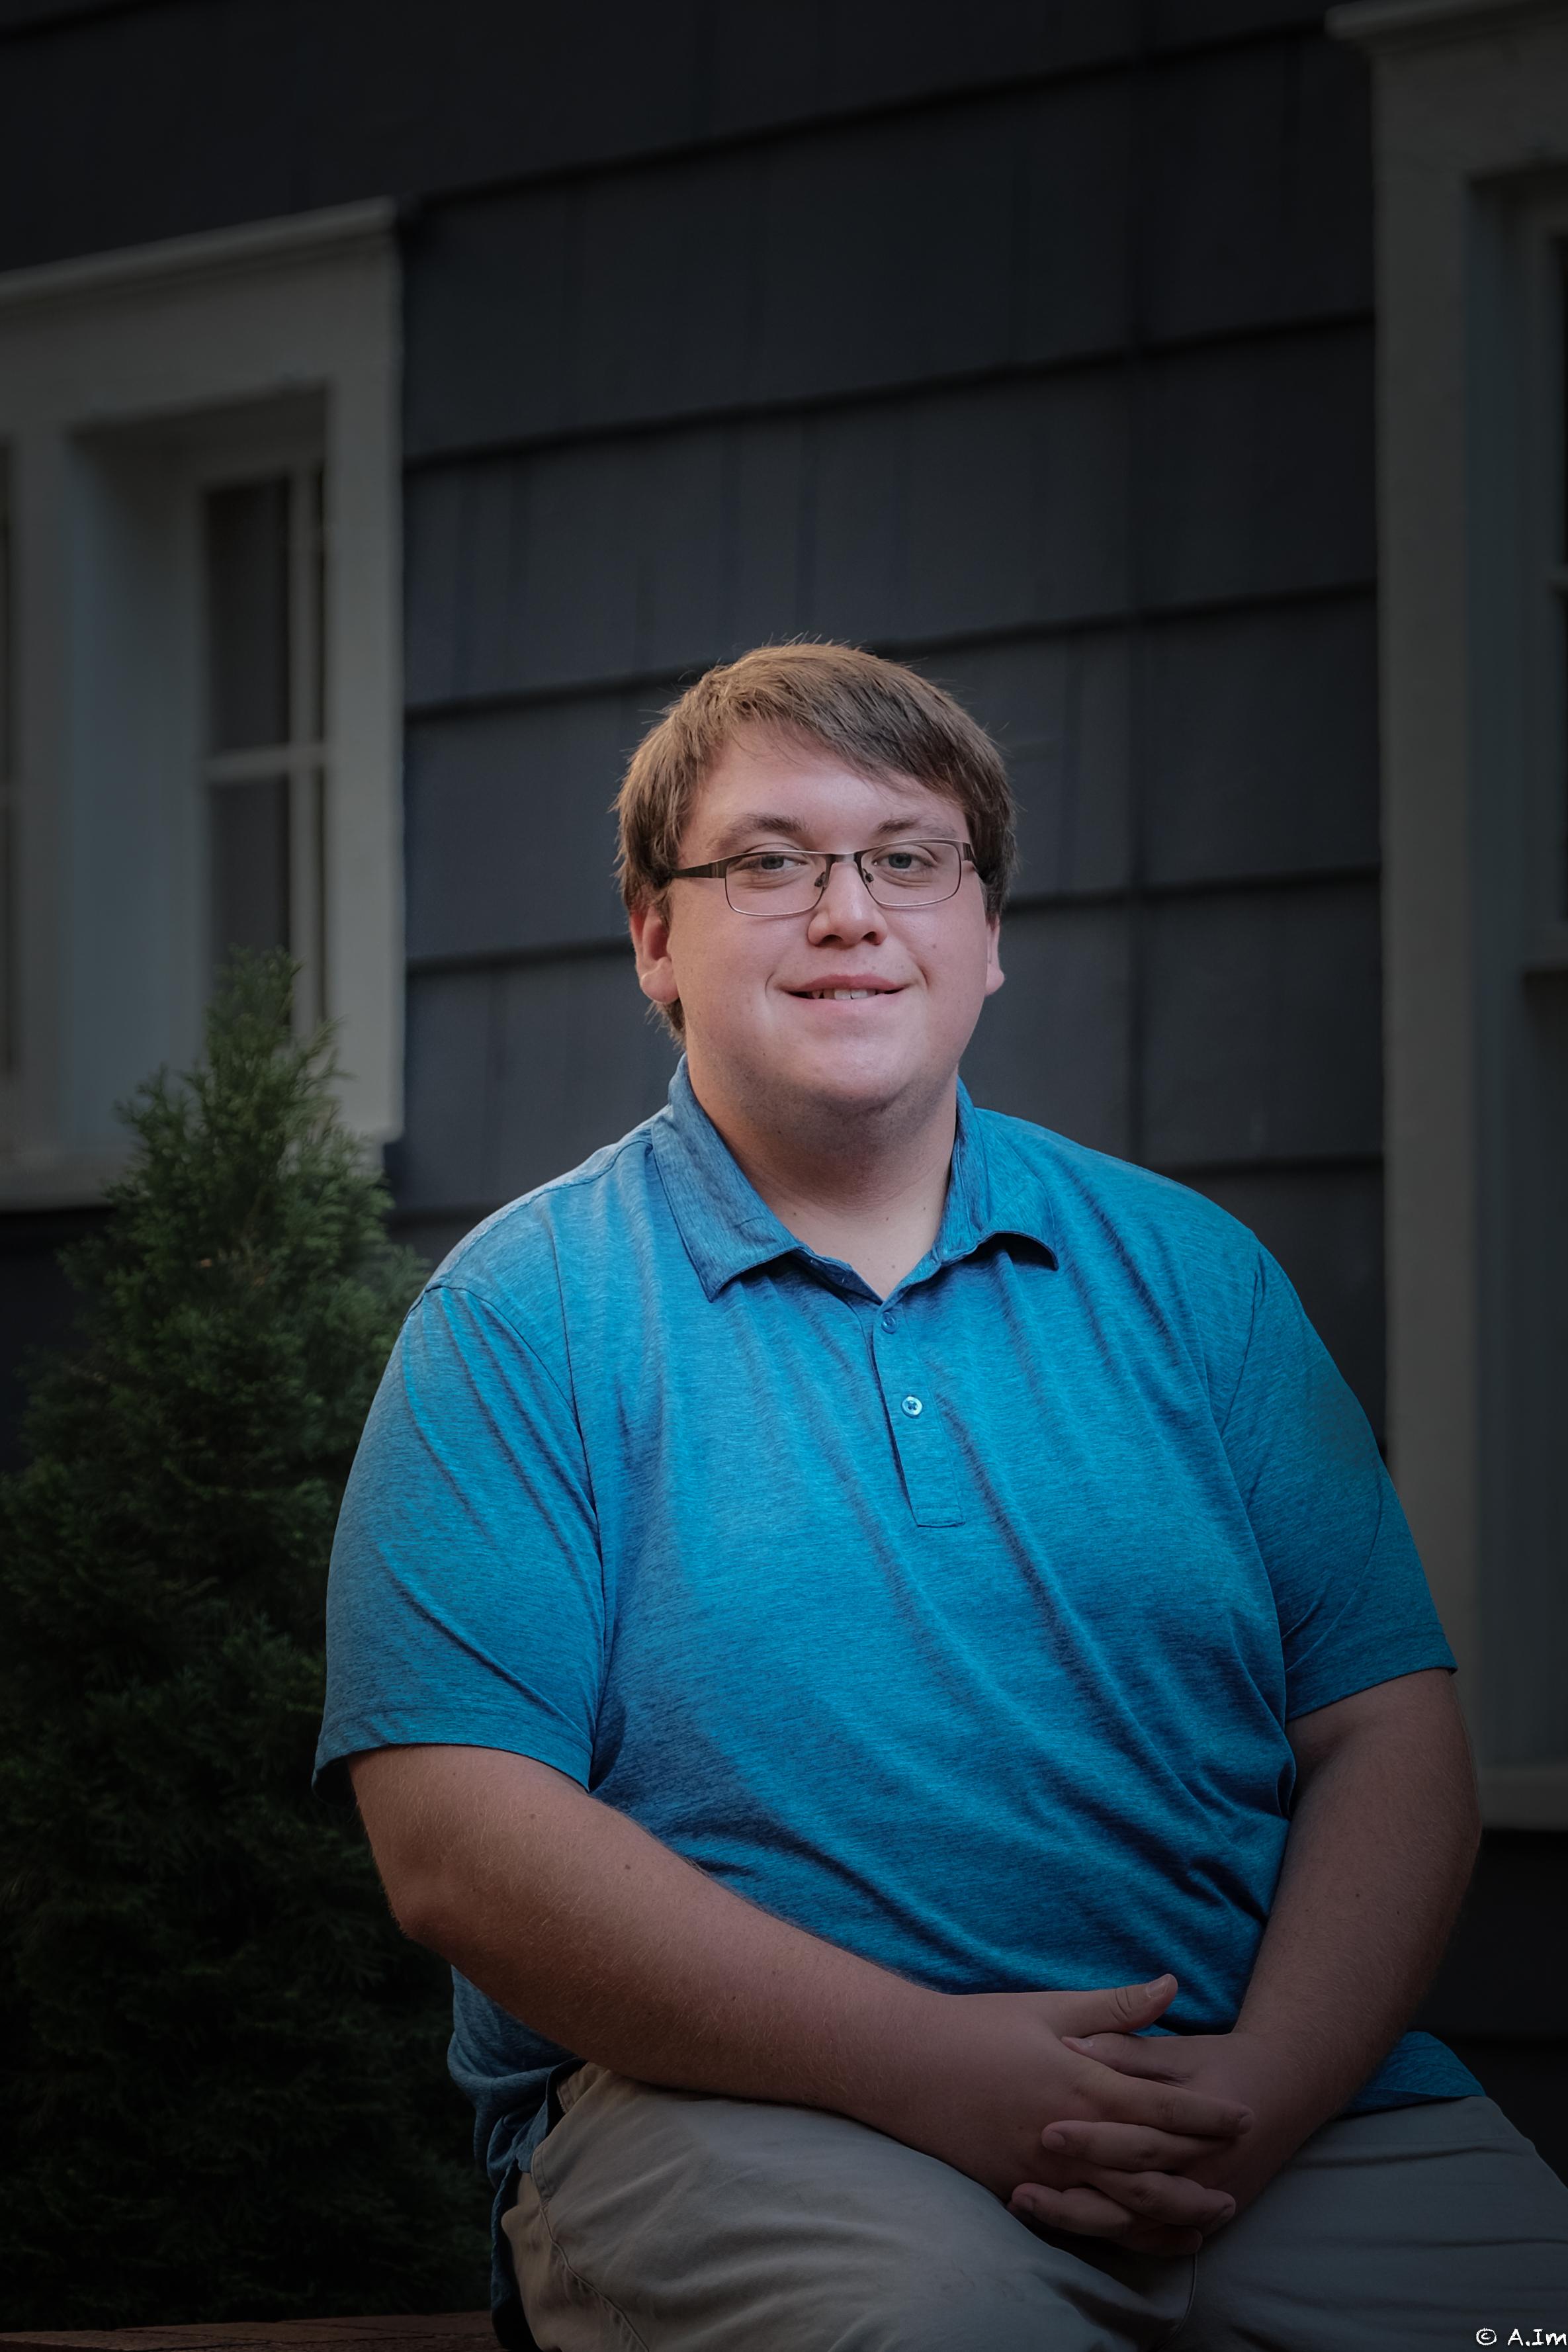 Meet Alex Porter